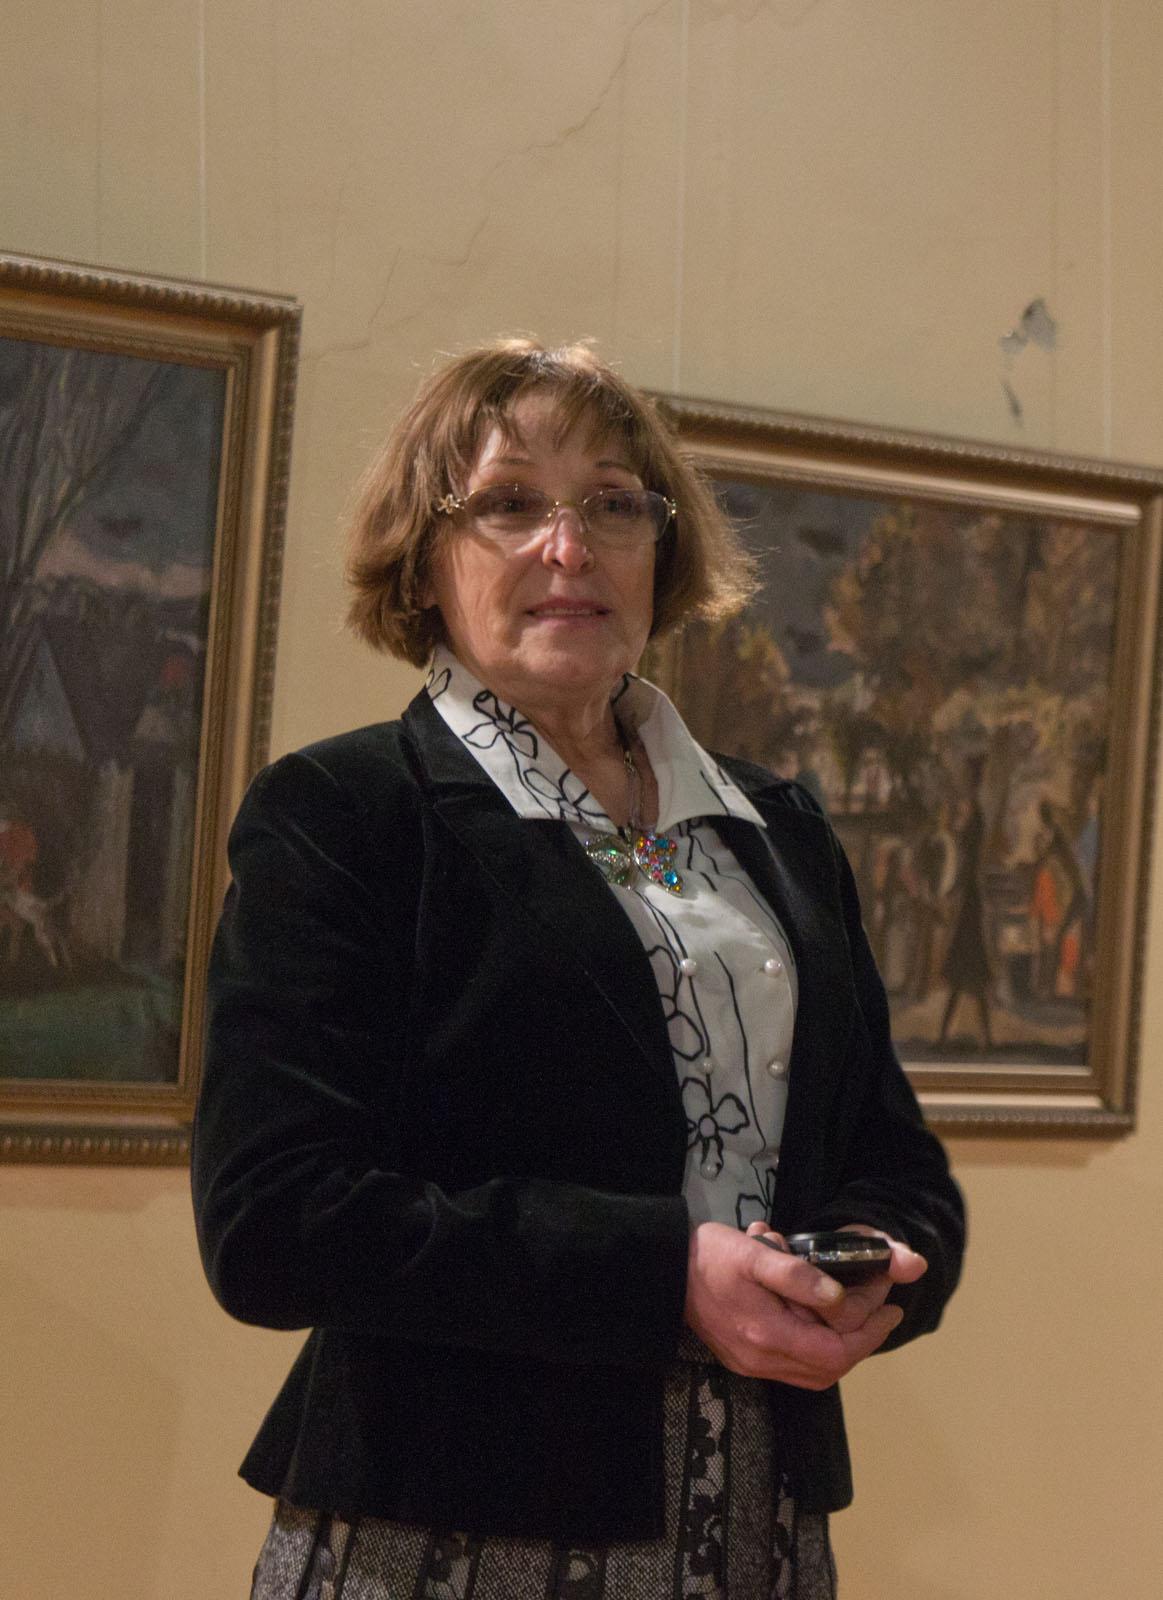 Фото №69309. Терновская Светлана Ивановна, жена художника, его менеджер